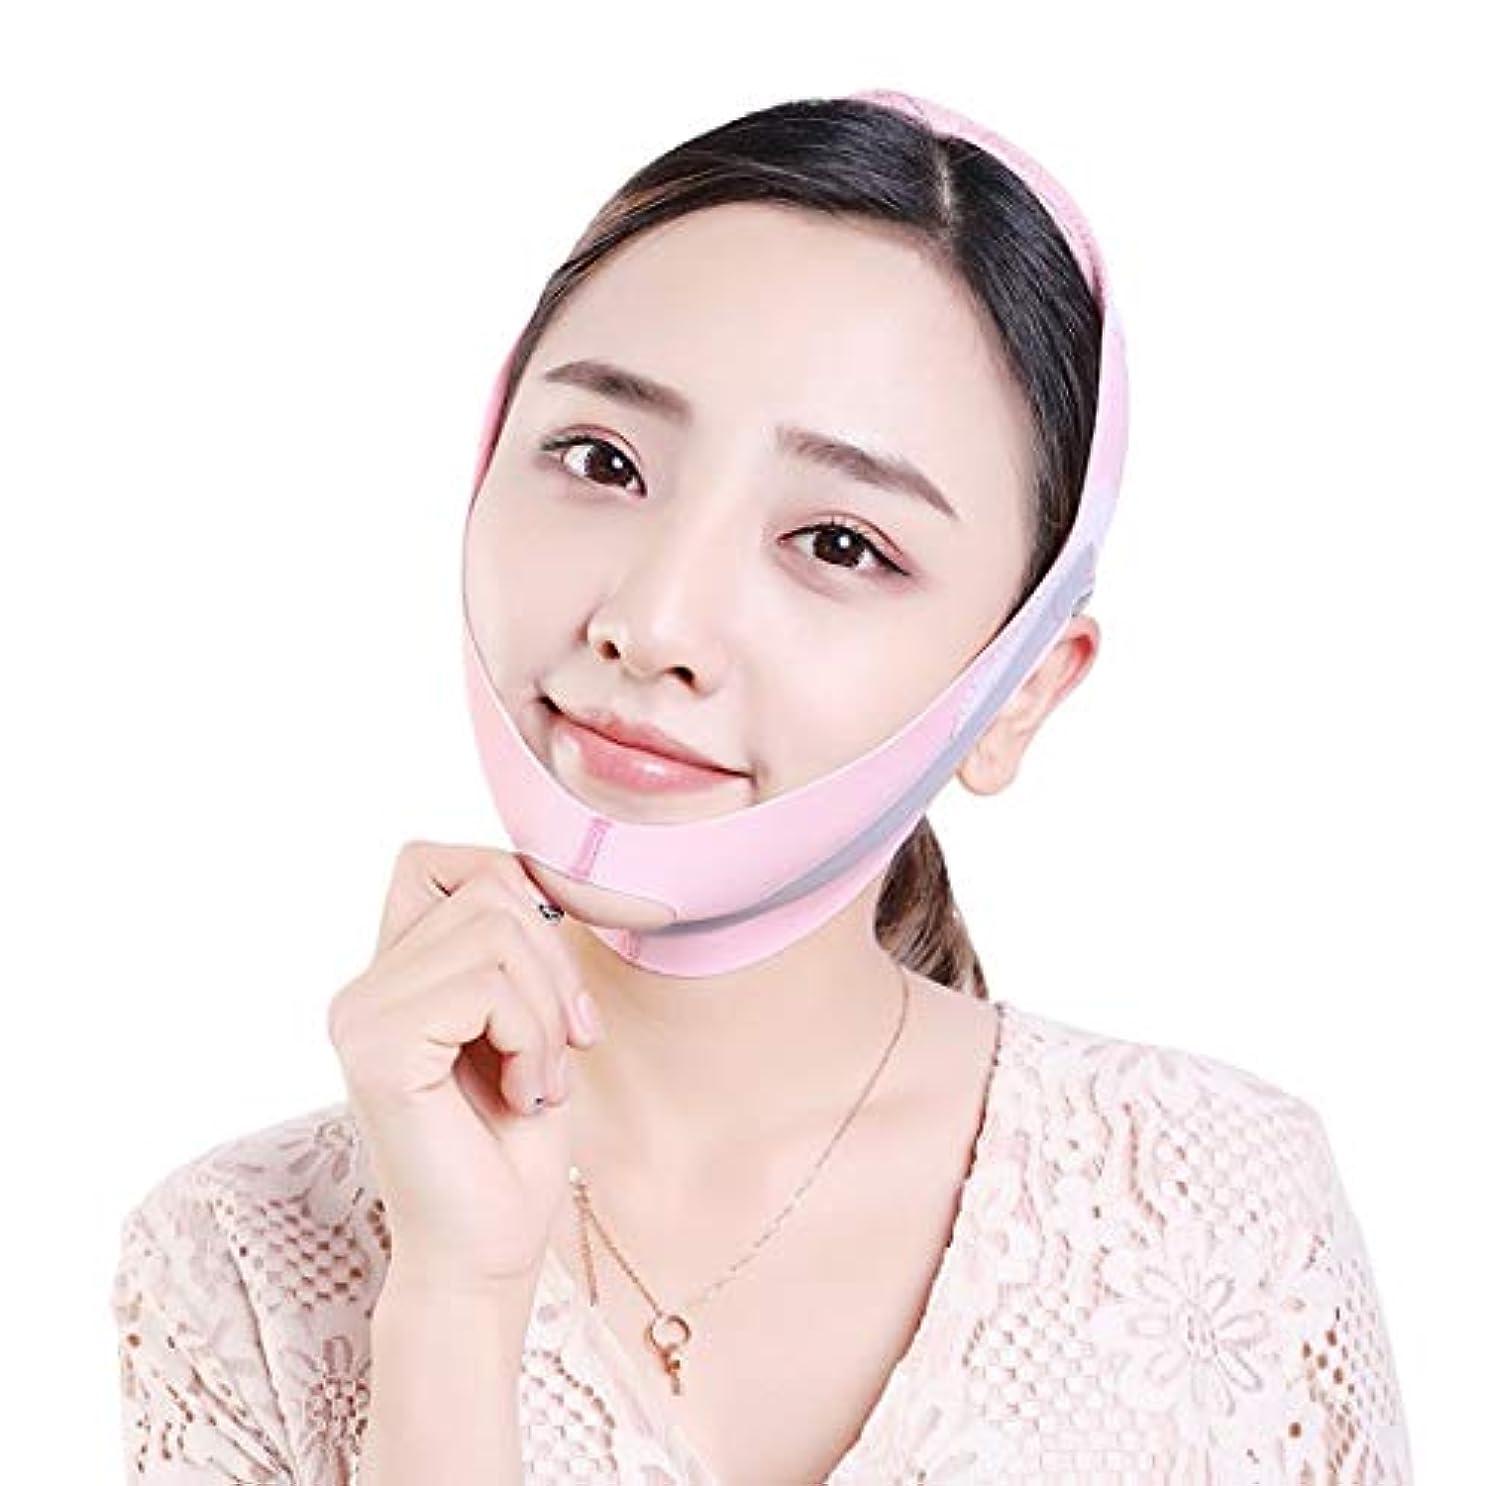 合体葉合法ZWBD フェイスマスク, フェイスリフティング包帯二重あごの法令ライン美しさの肌を引き締め薄いフェイスマスク小さなV顔アーティファクト強力なフェイスリフティングデバイス